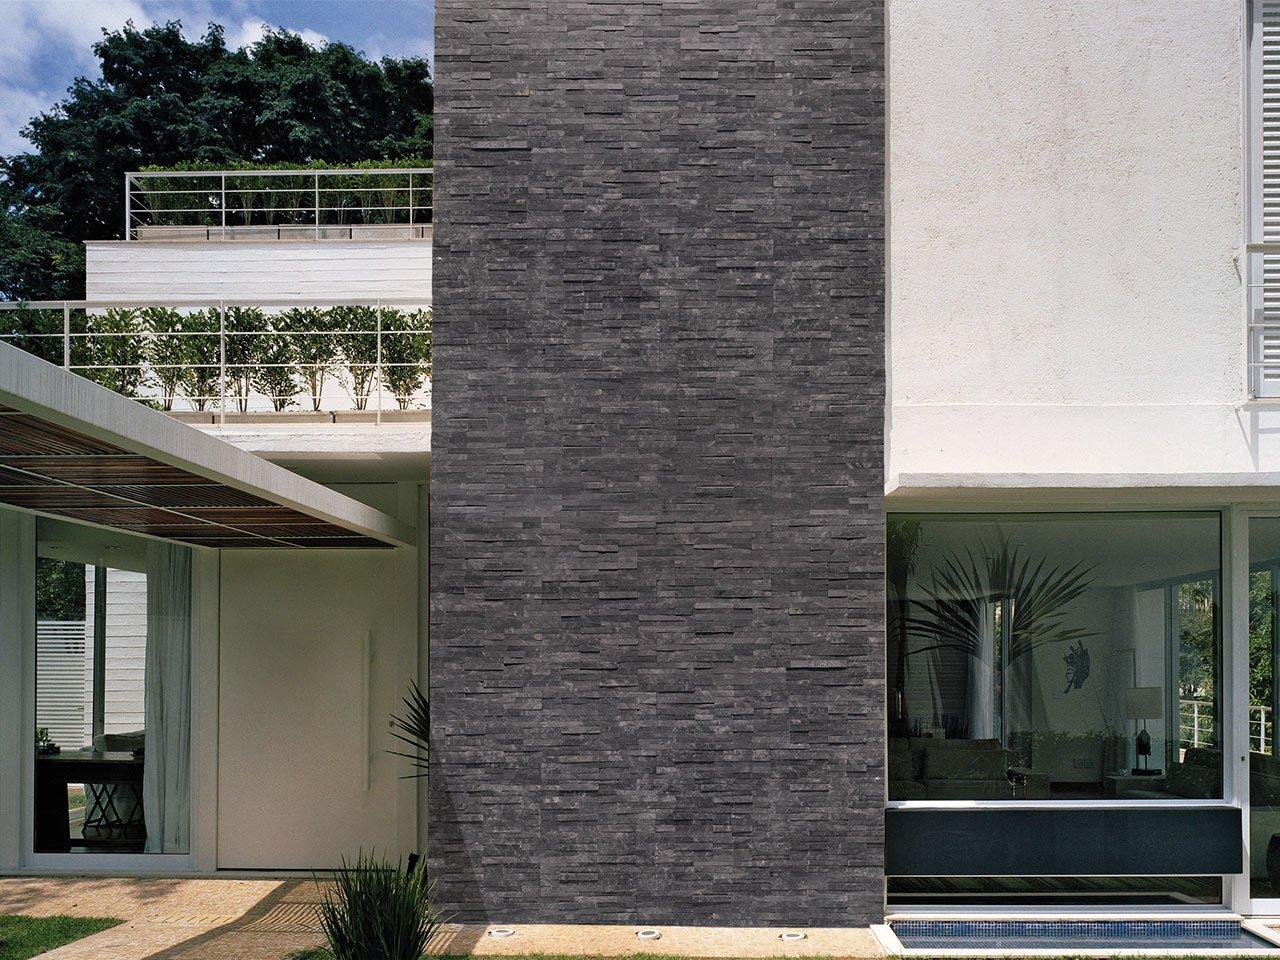 ... pietra  Rivestimenti in pietra naturale  RIVESTIMENTO IN PIETRA